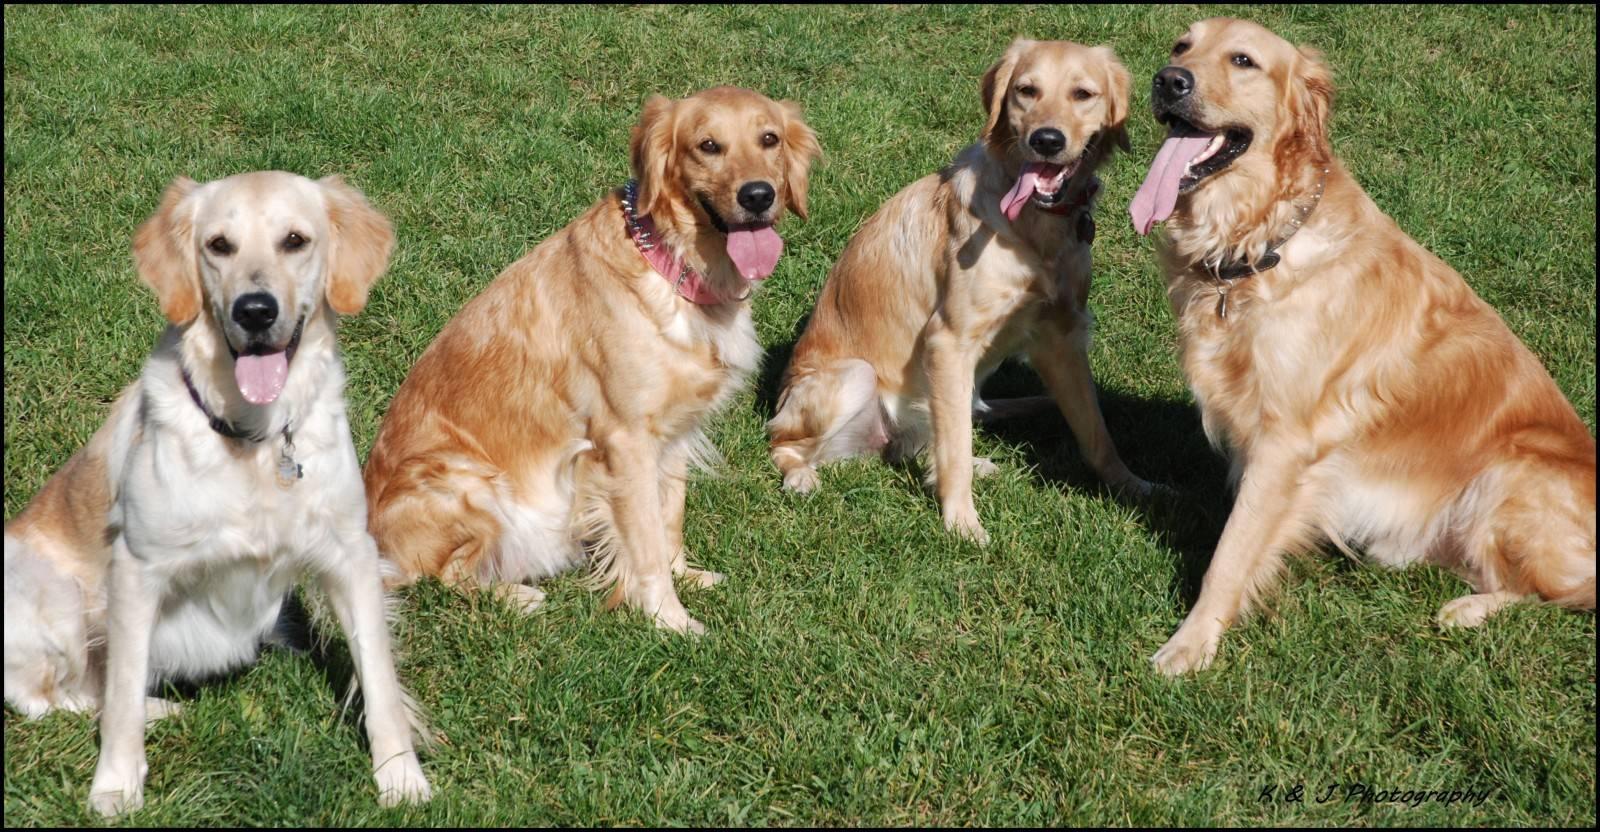 Порода собак ховаварт: описание внешнего вида, правила содержания и дрессировки, питомник щенков на урале